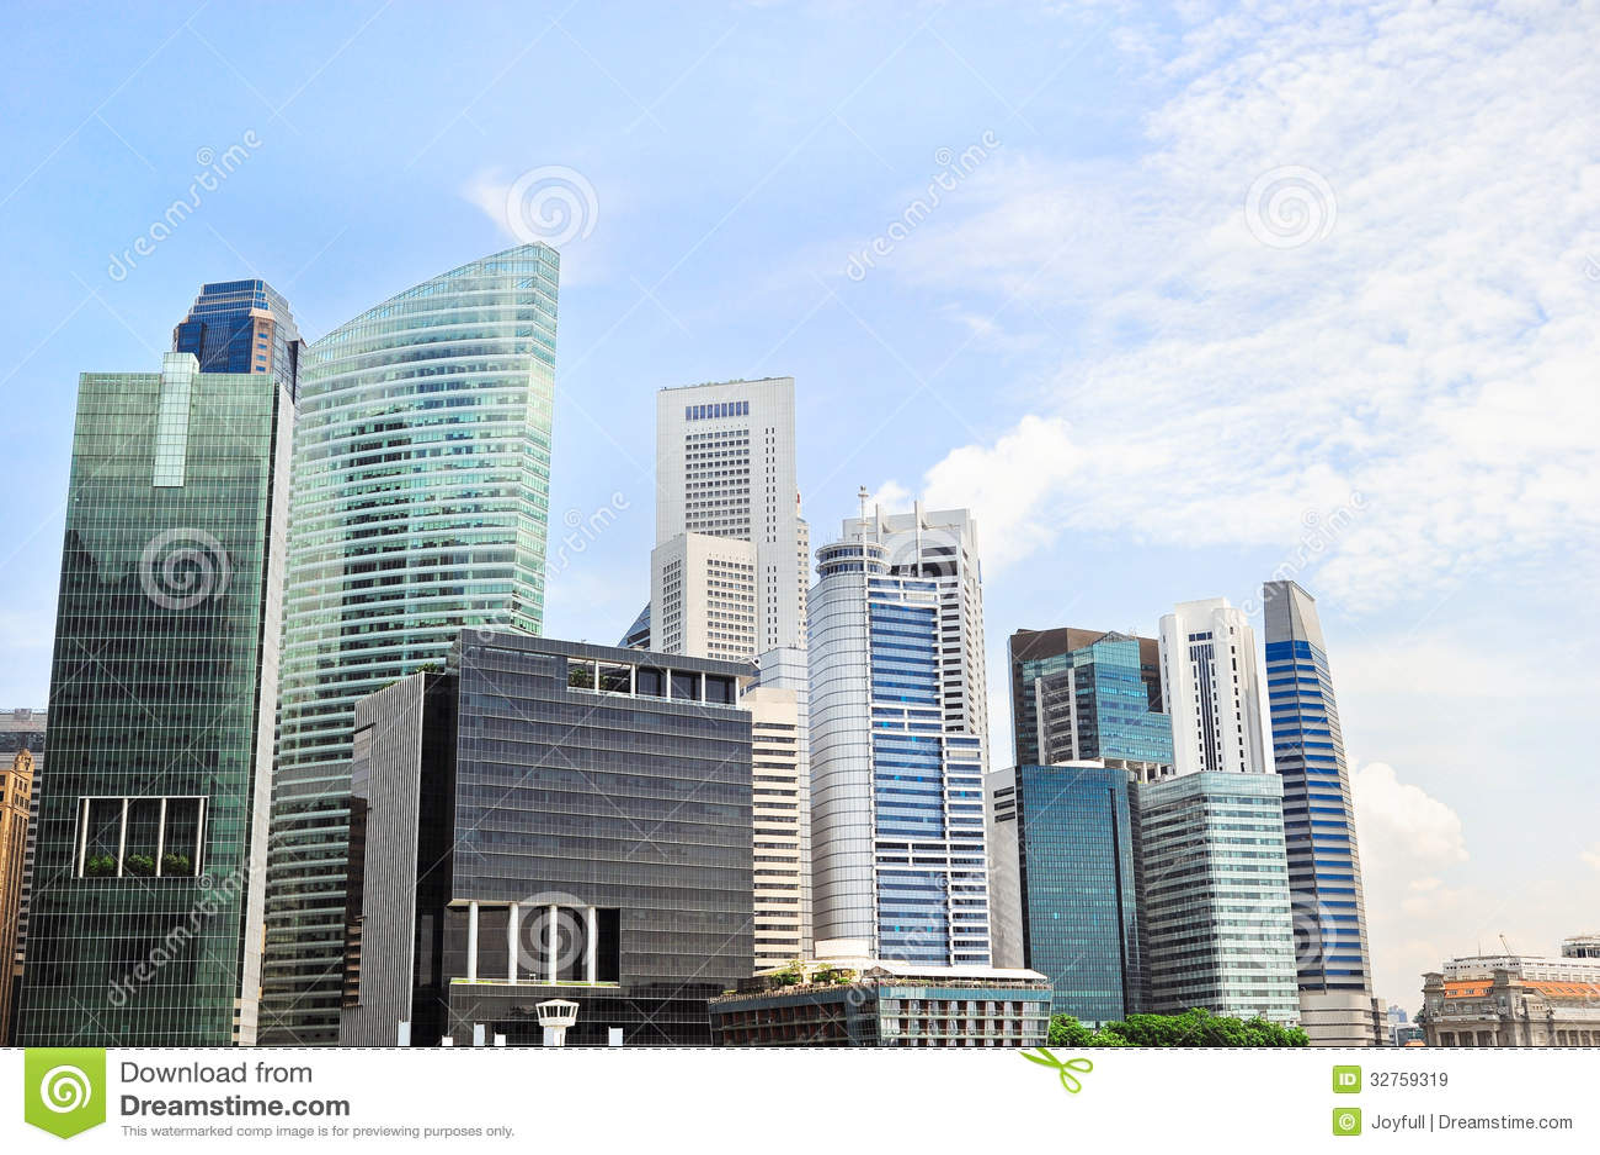 singapore town metropolis - photo #26